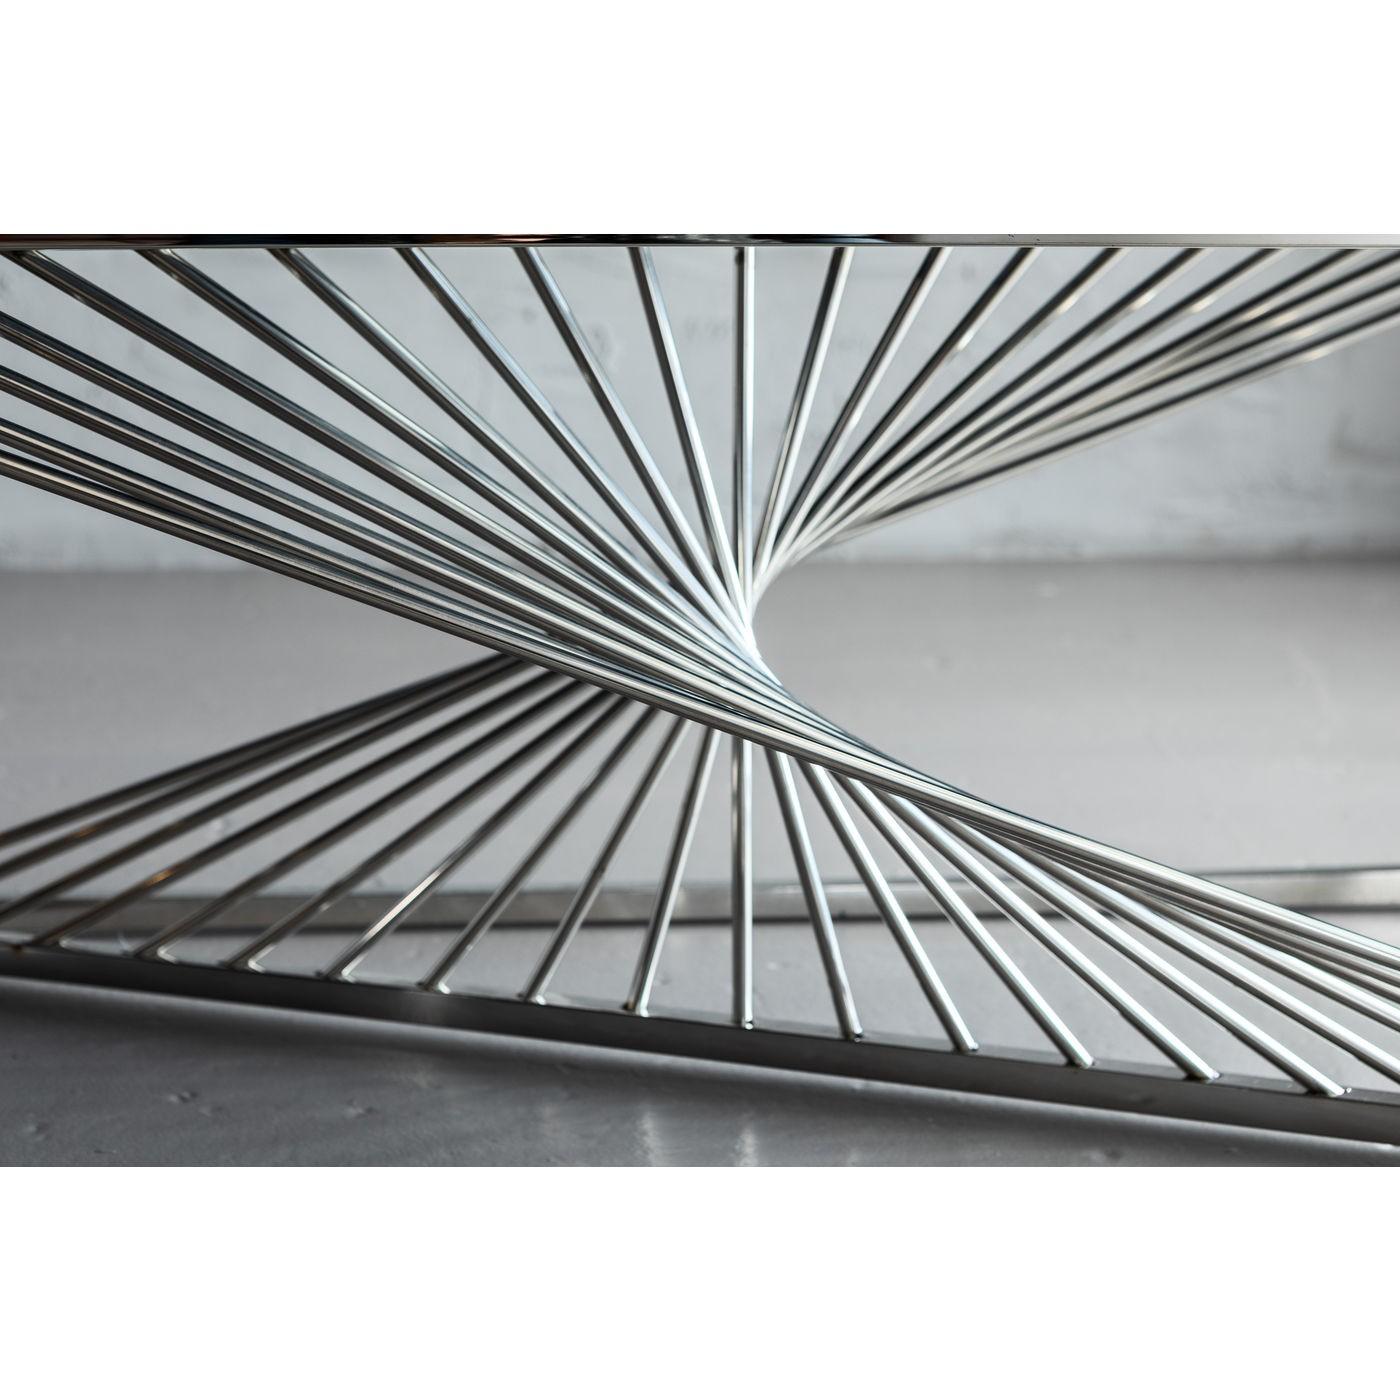 Table basse Laser 120x60cm chromée Kare Design